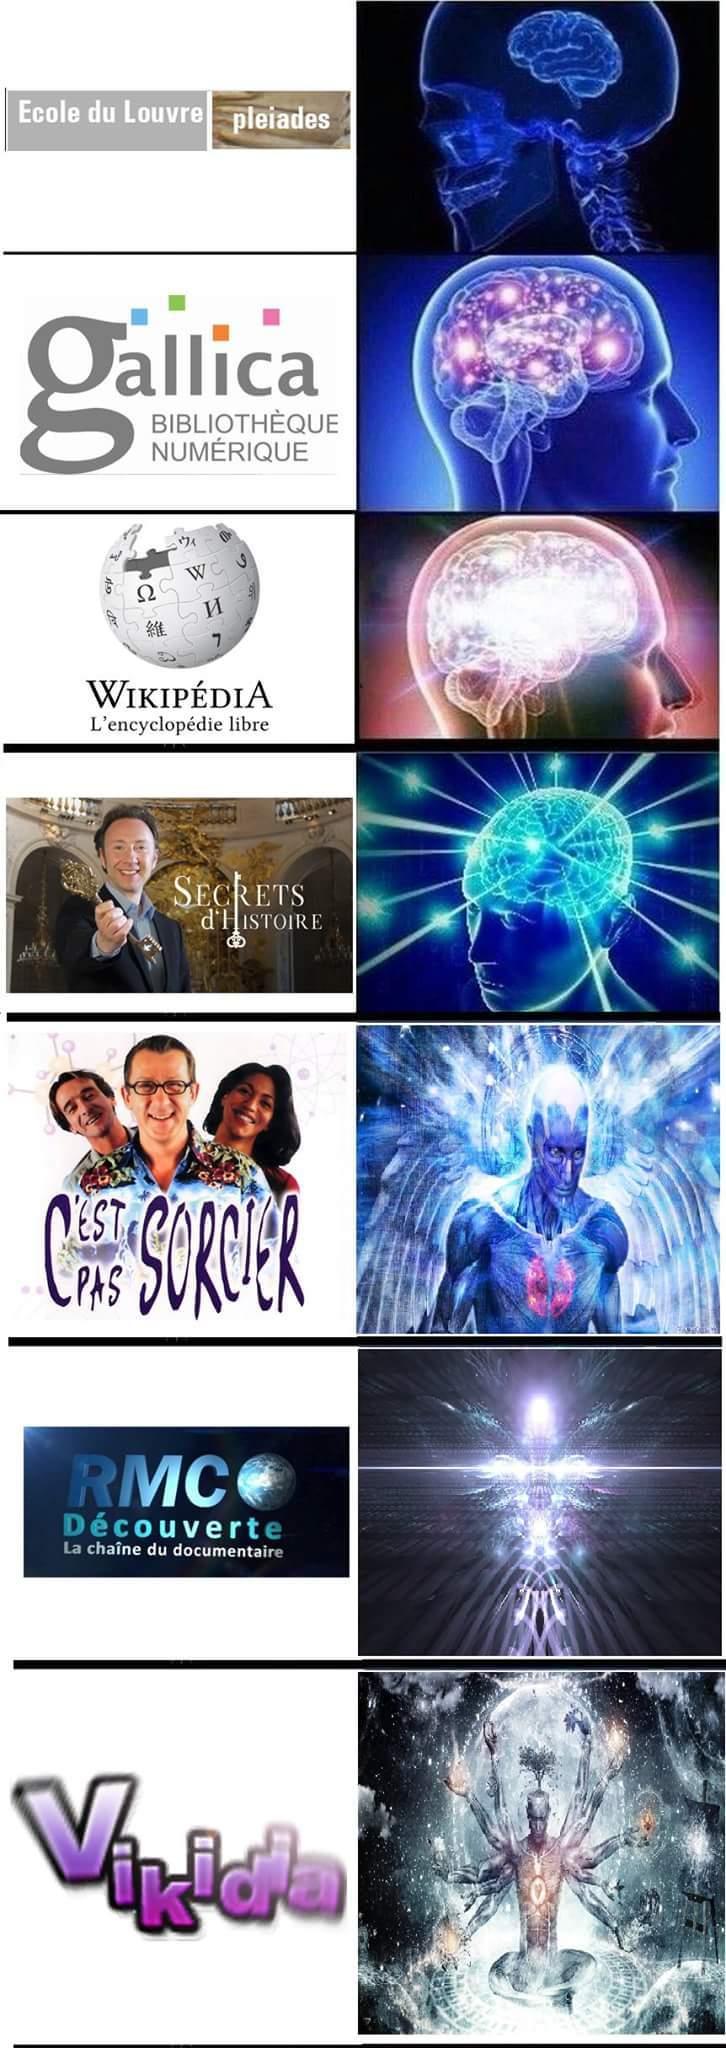 Le savoir - meme